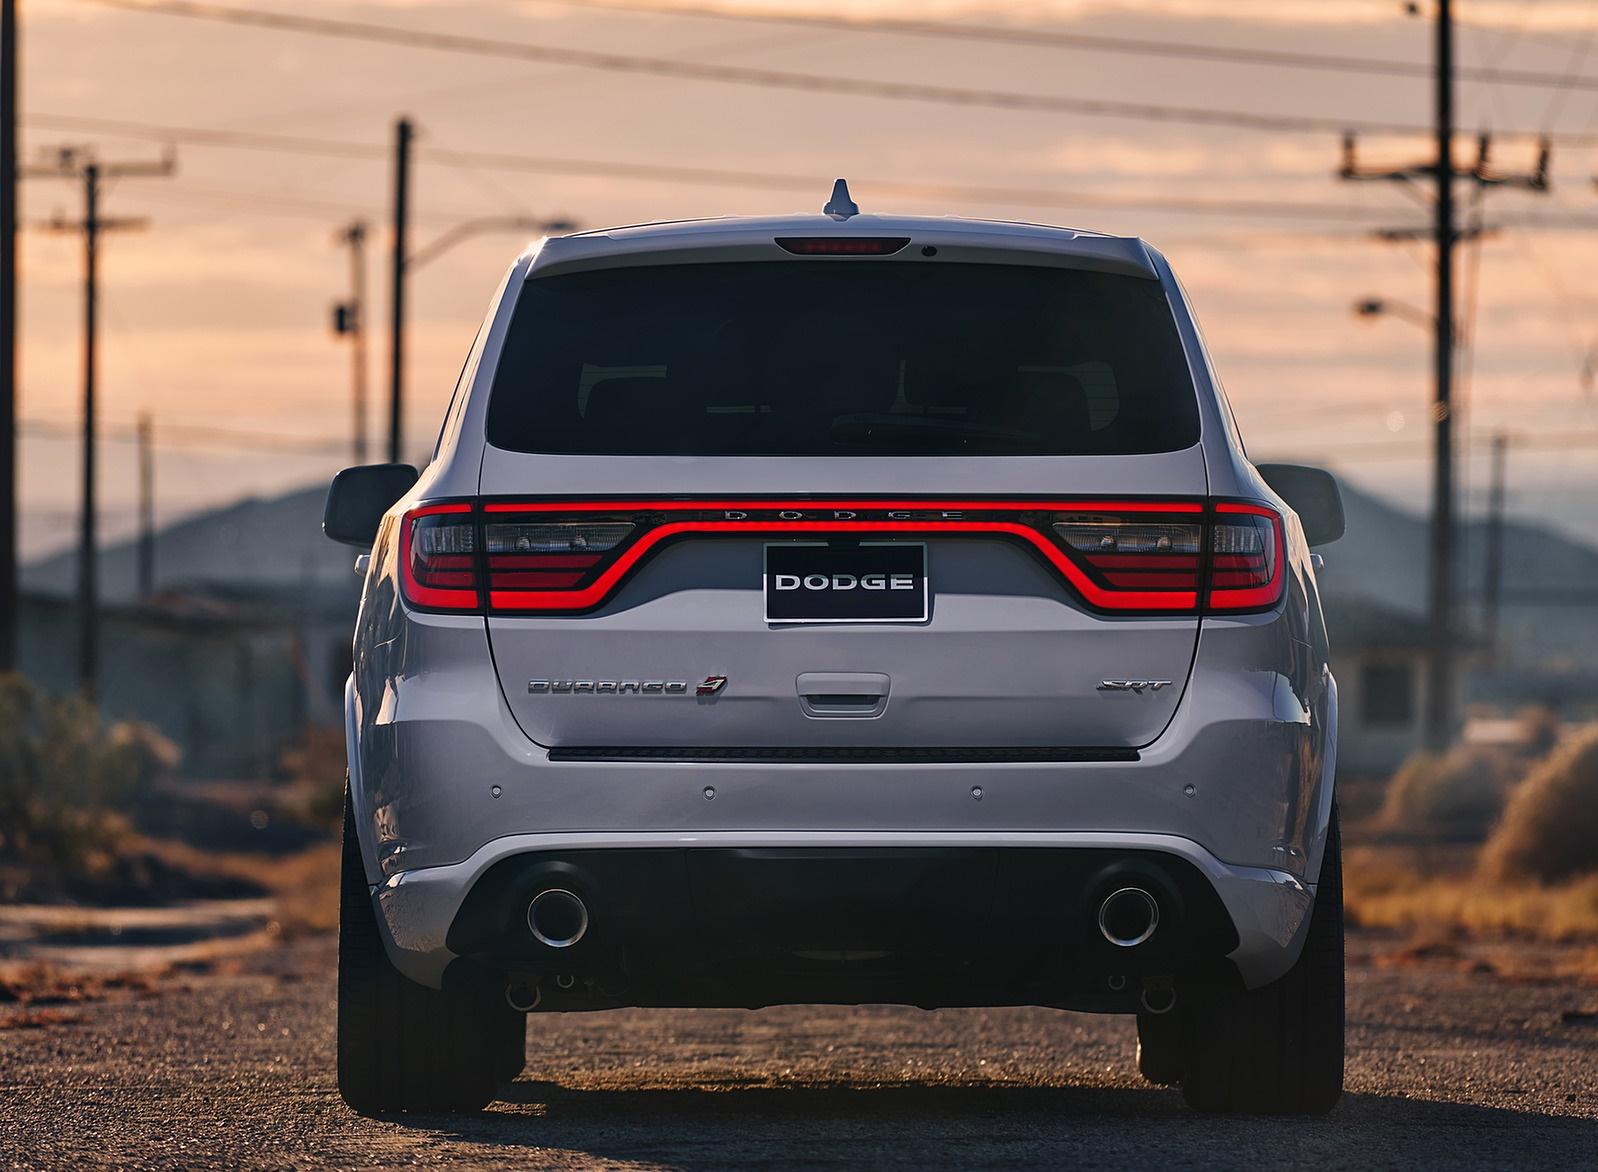 2018 Dodge Durango SRT Rear Wallpaper (13)